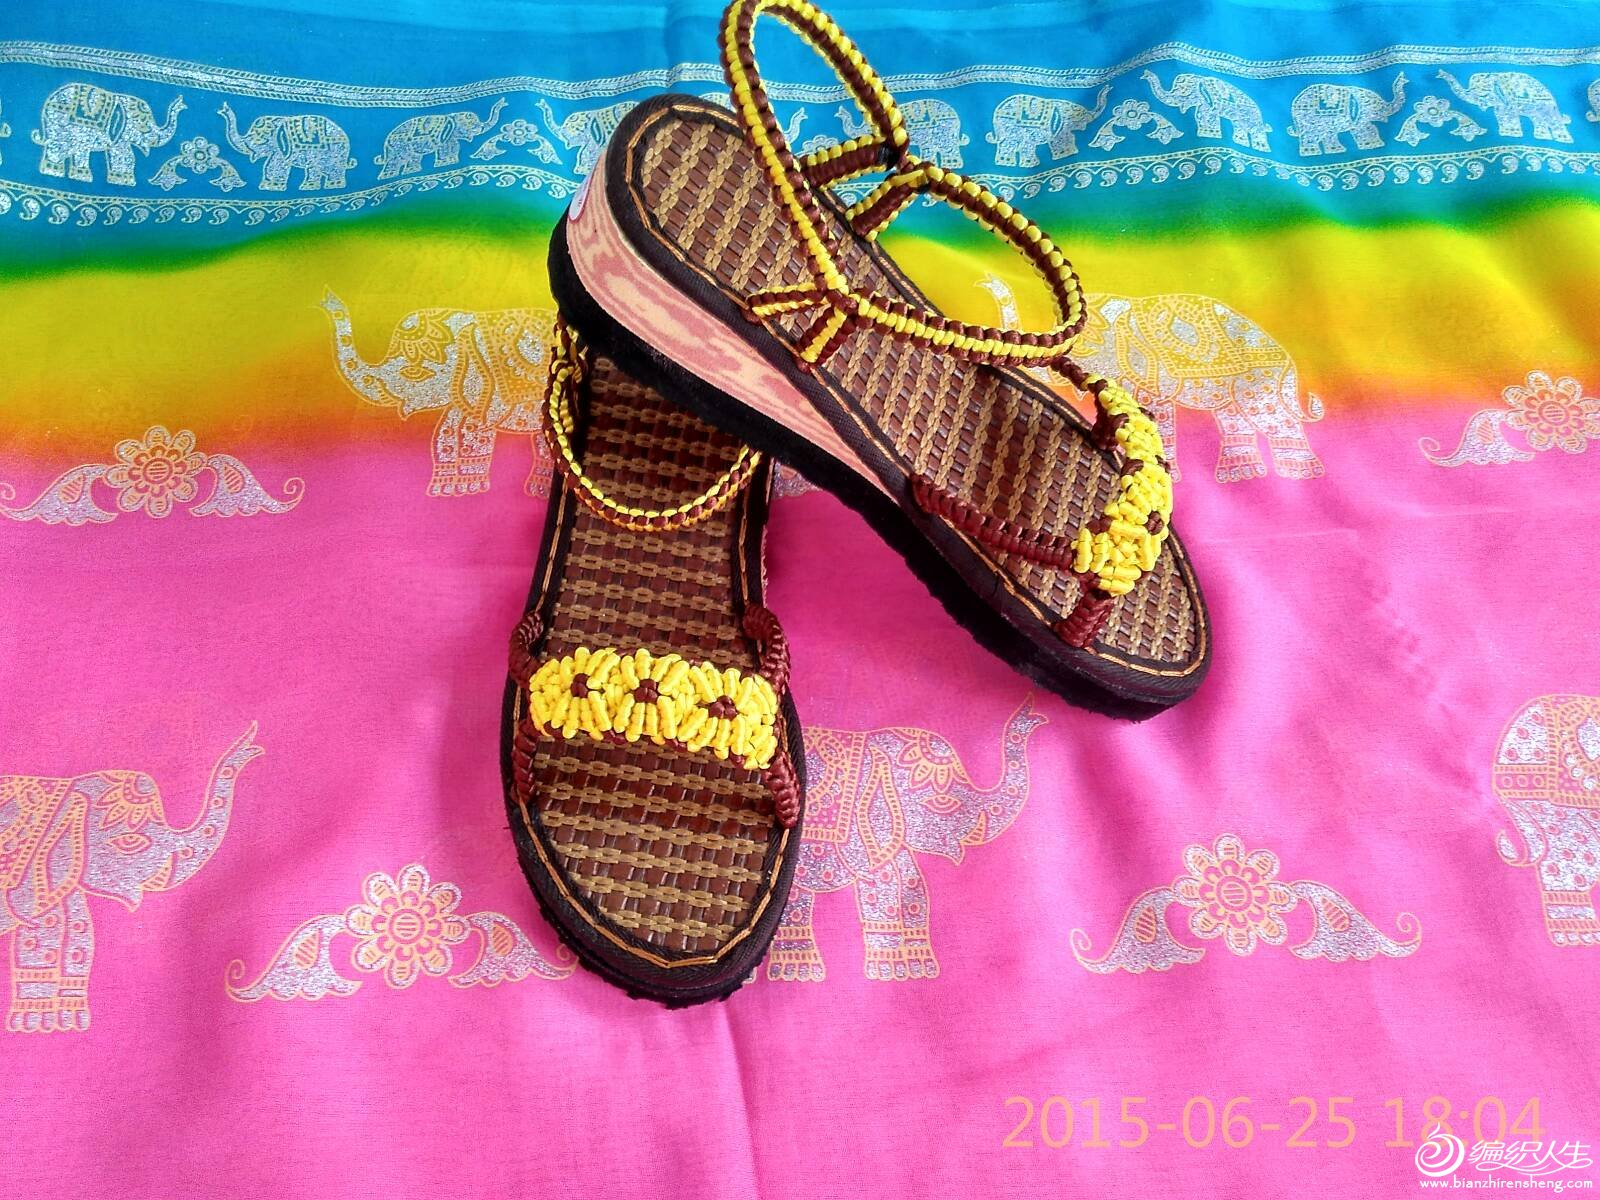 手工编织拖鞋,凉鞋图片